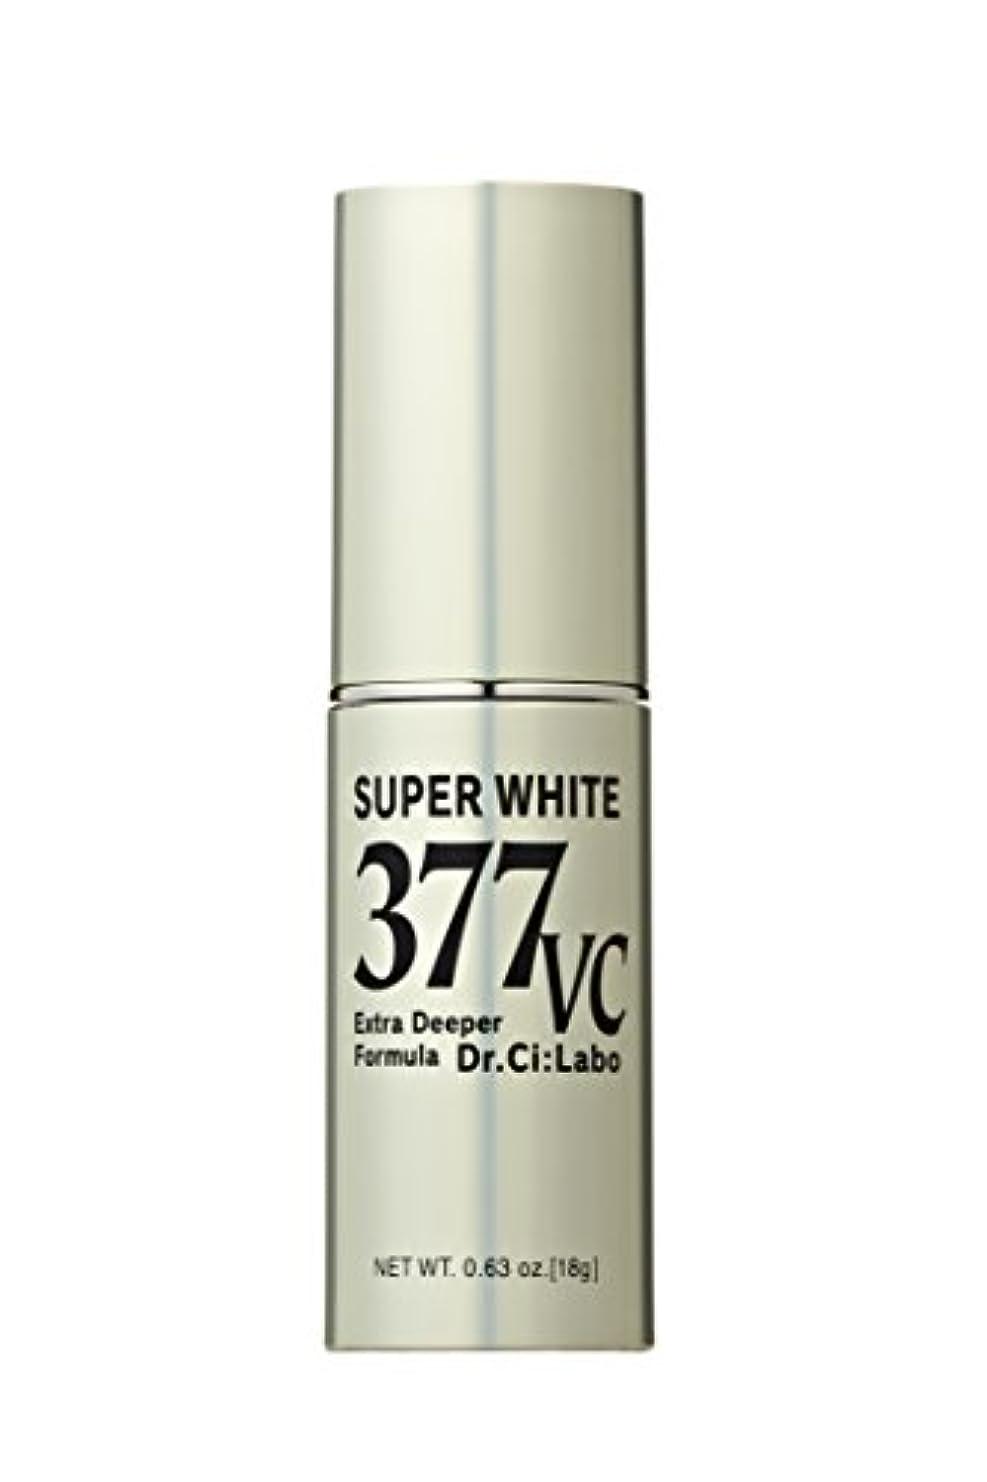 ドクターシーラボ スーパーホワイト377VC(ブイシー) 高浸透ビタミンC 美容液 18g